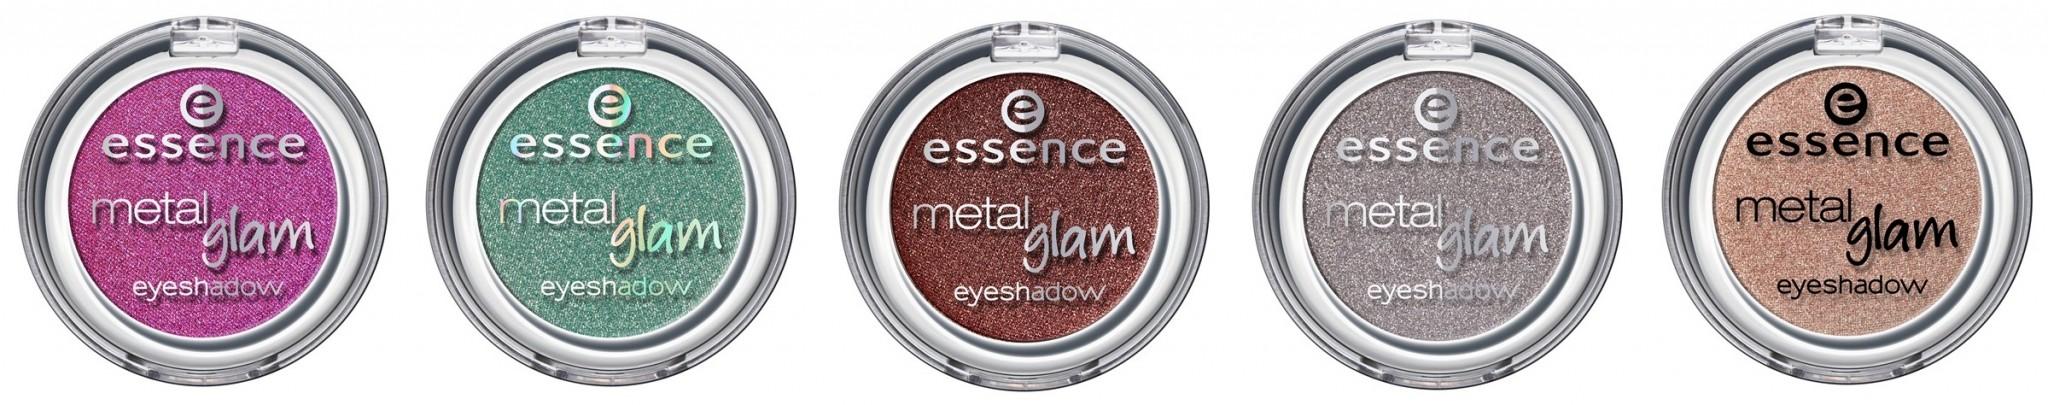 Essence Metal Glam - Nieuwe Collectie Essence & Catrice Voorjaar 2015